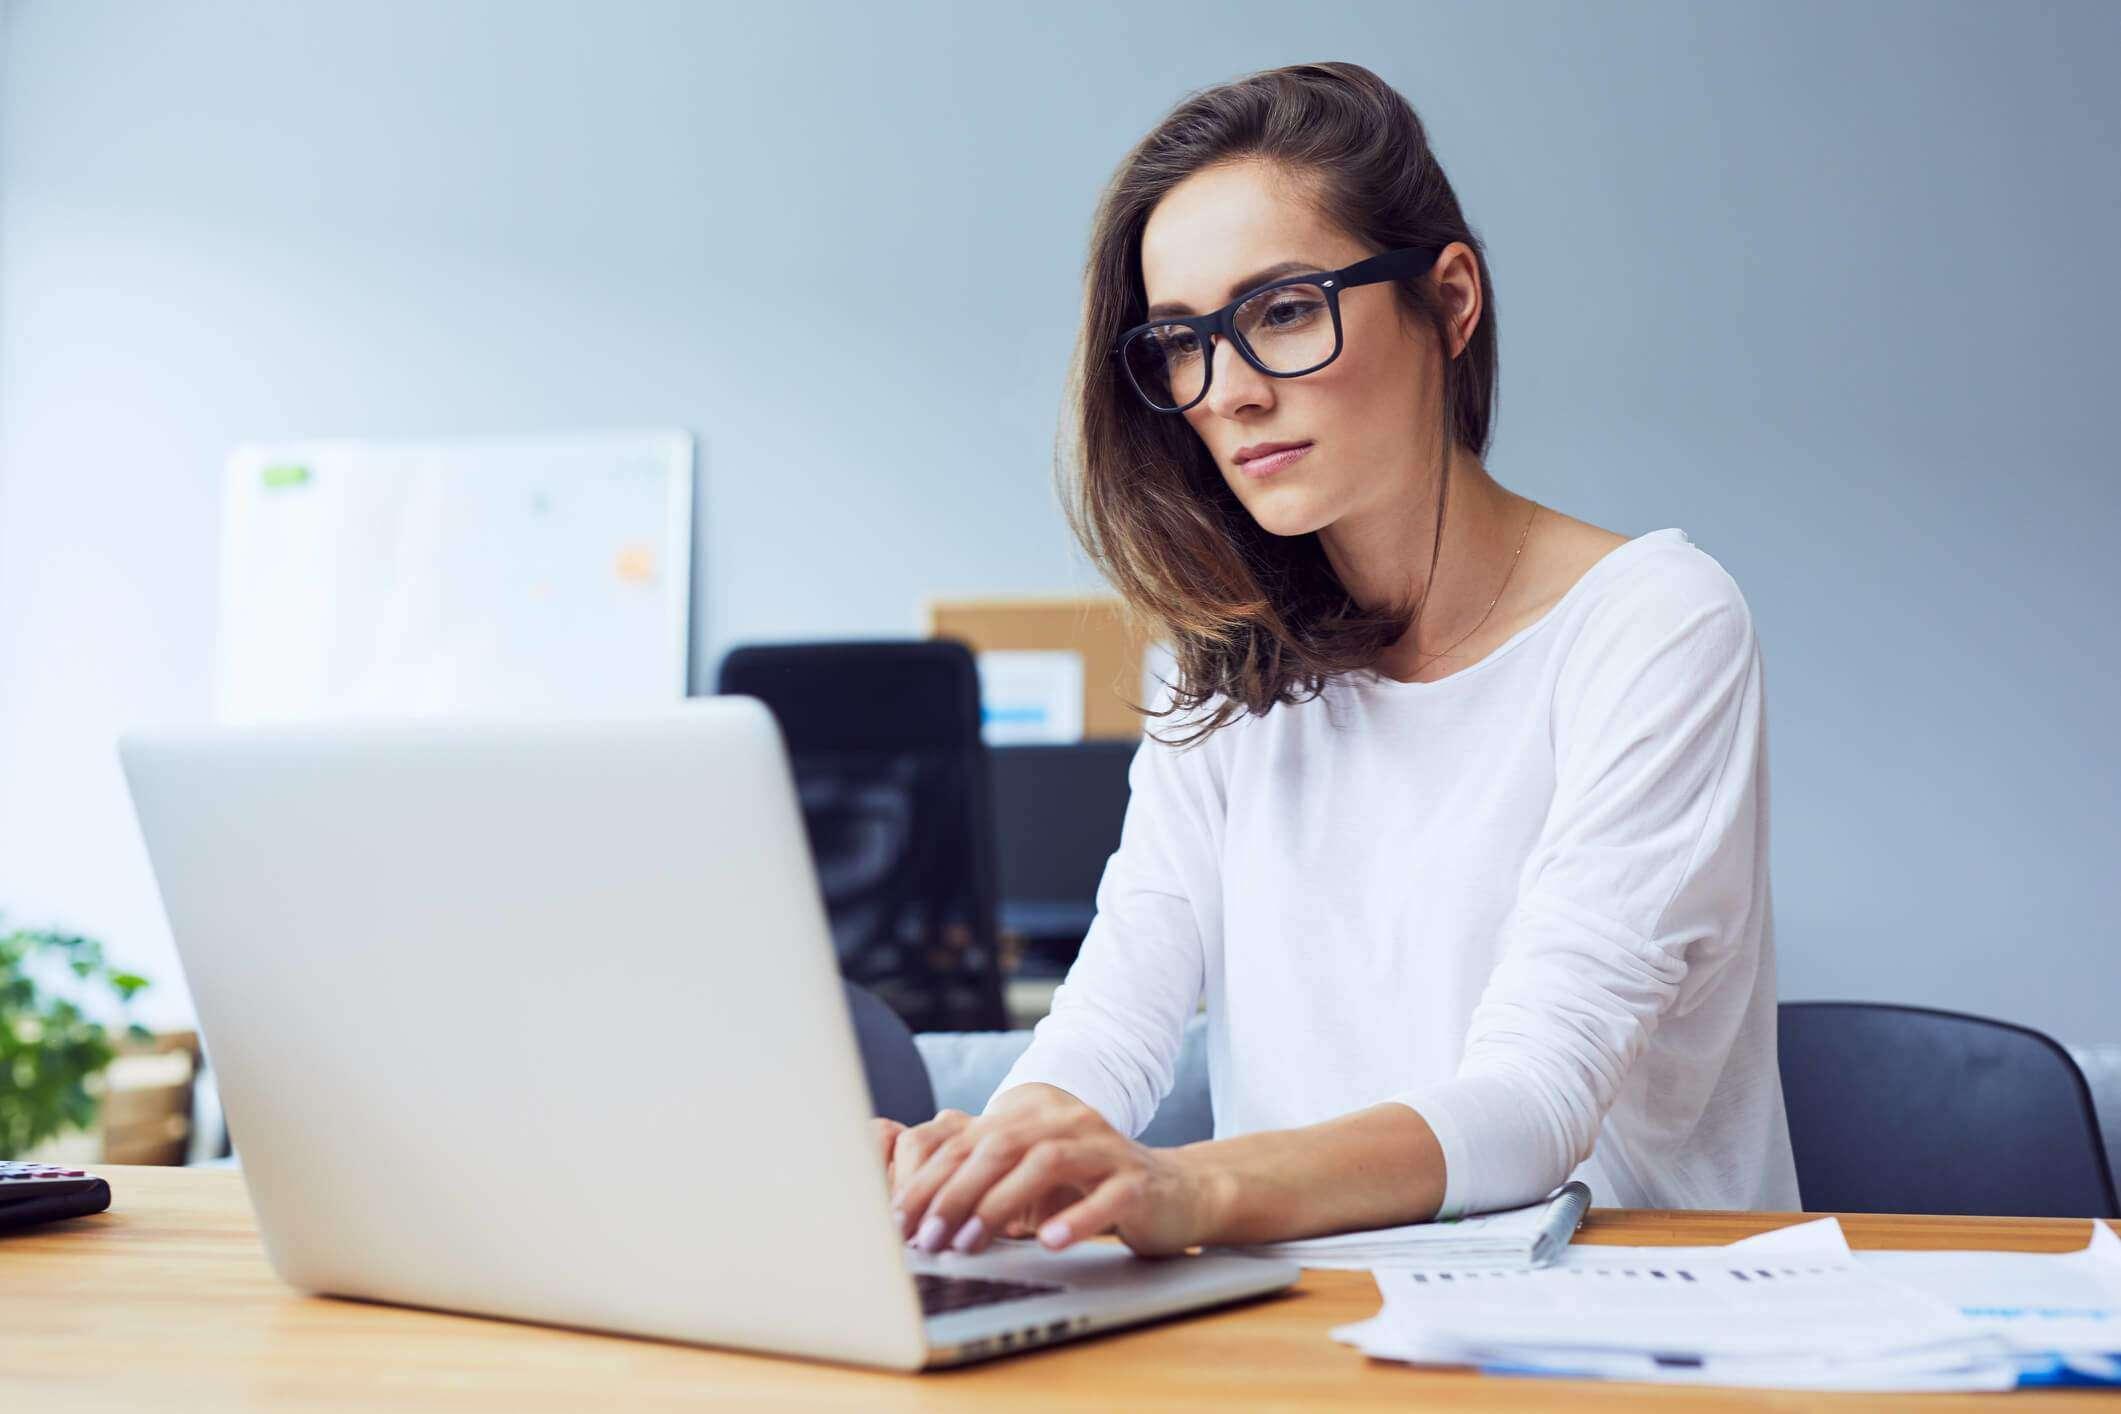 Folosiți des calculatorul? Află cât de mult vă afectează vederea!